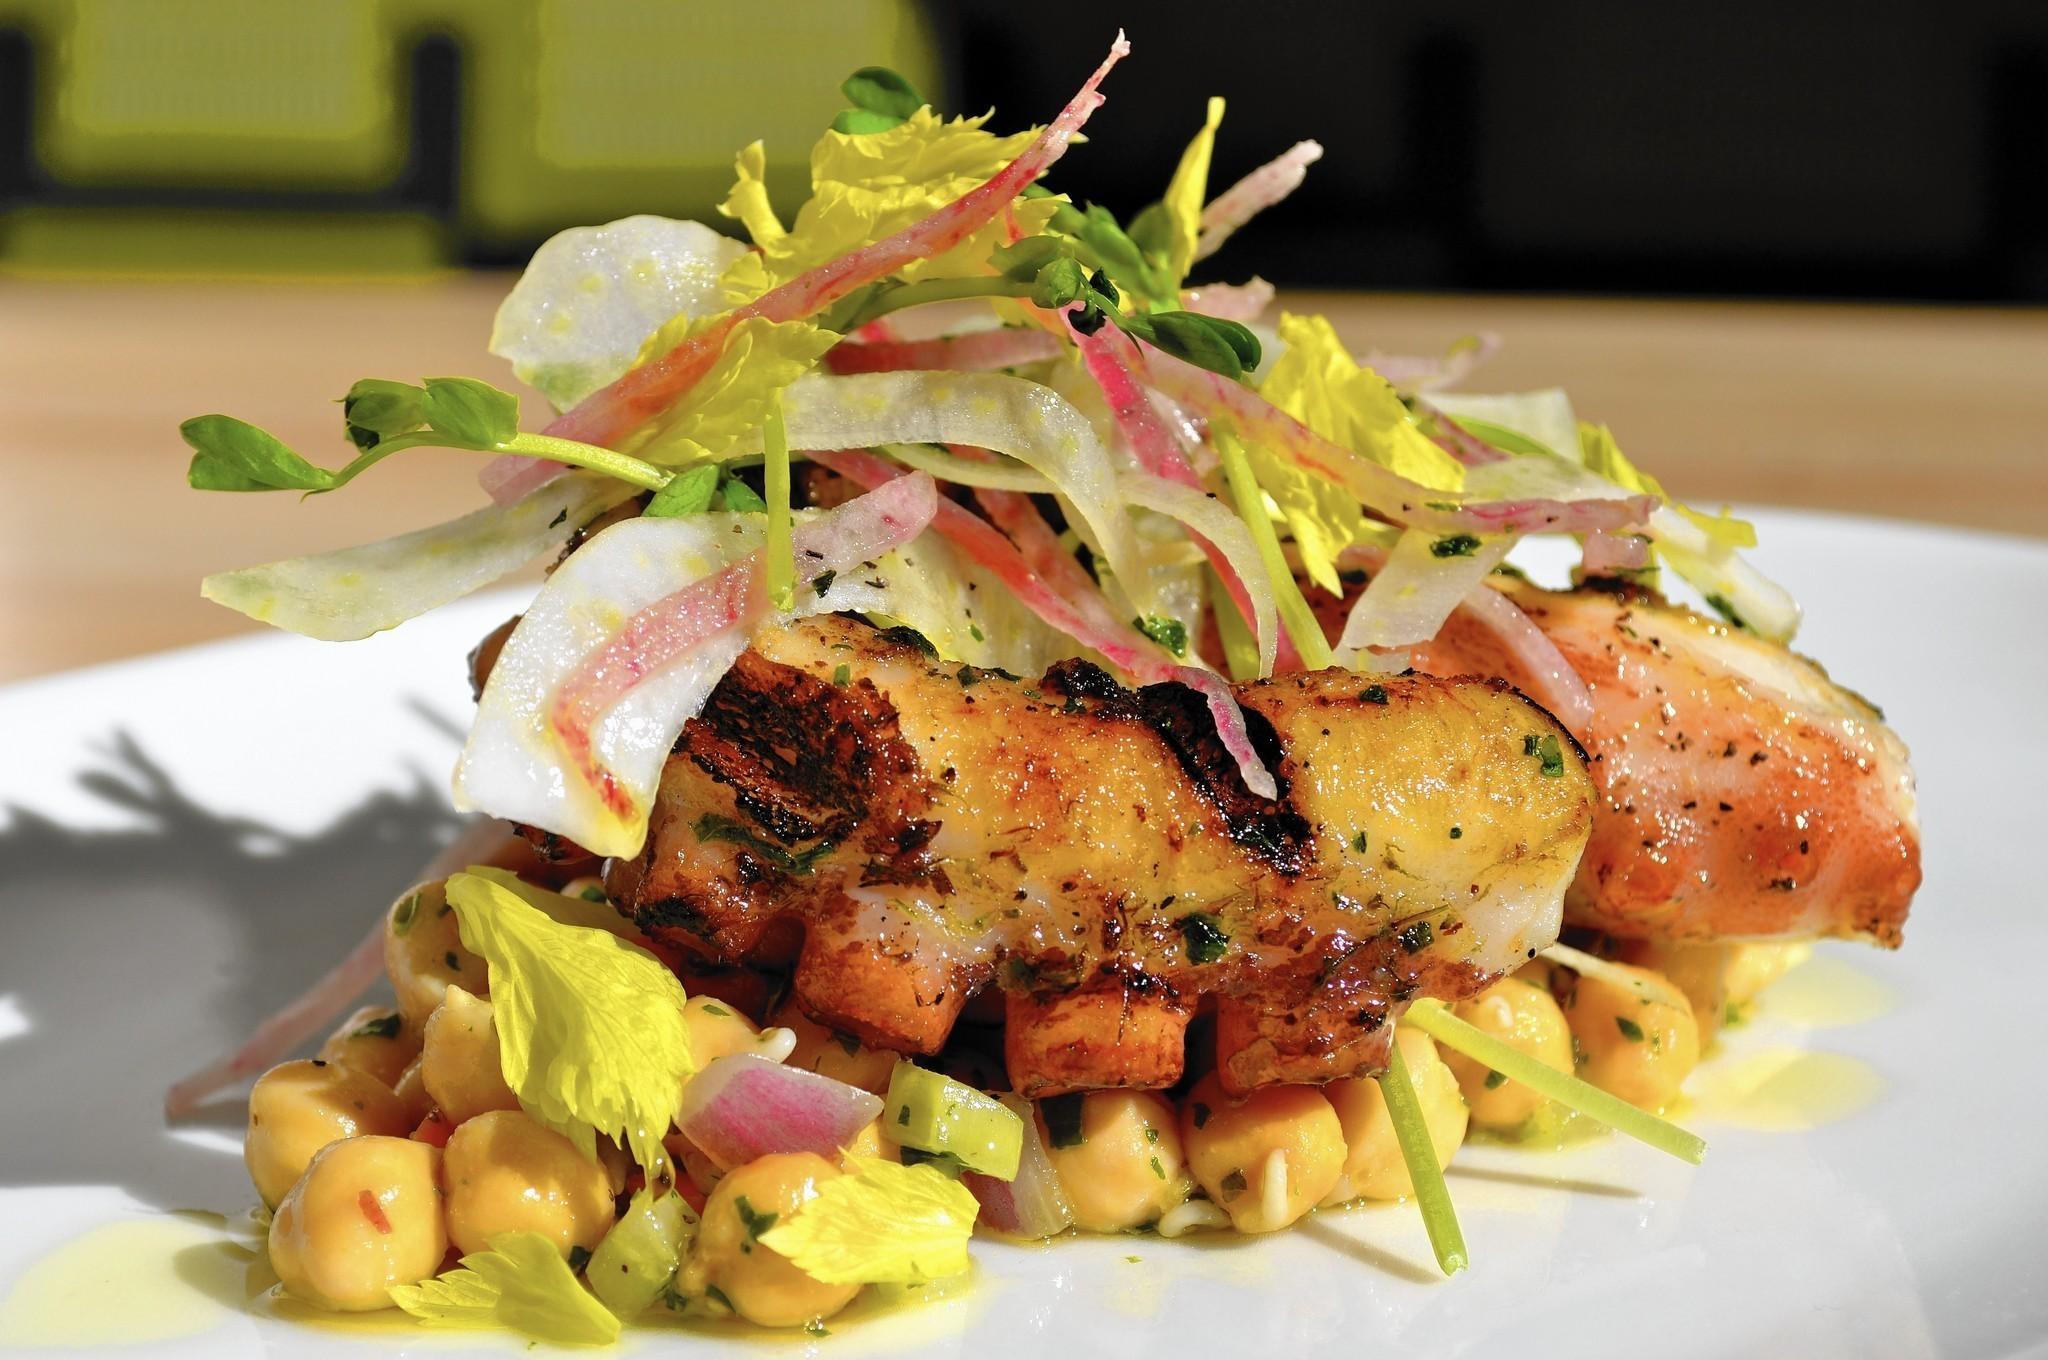 gary rack vegs out with farmhouse kitchen southfloridacom - Farmhouse Kitchen Boca